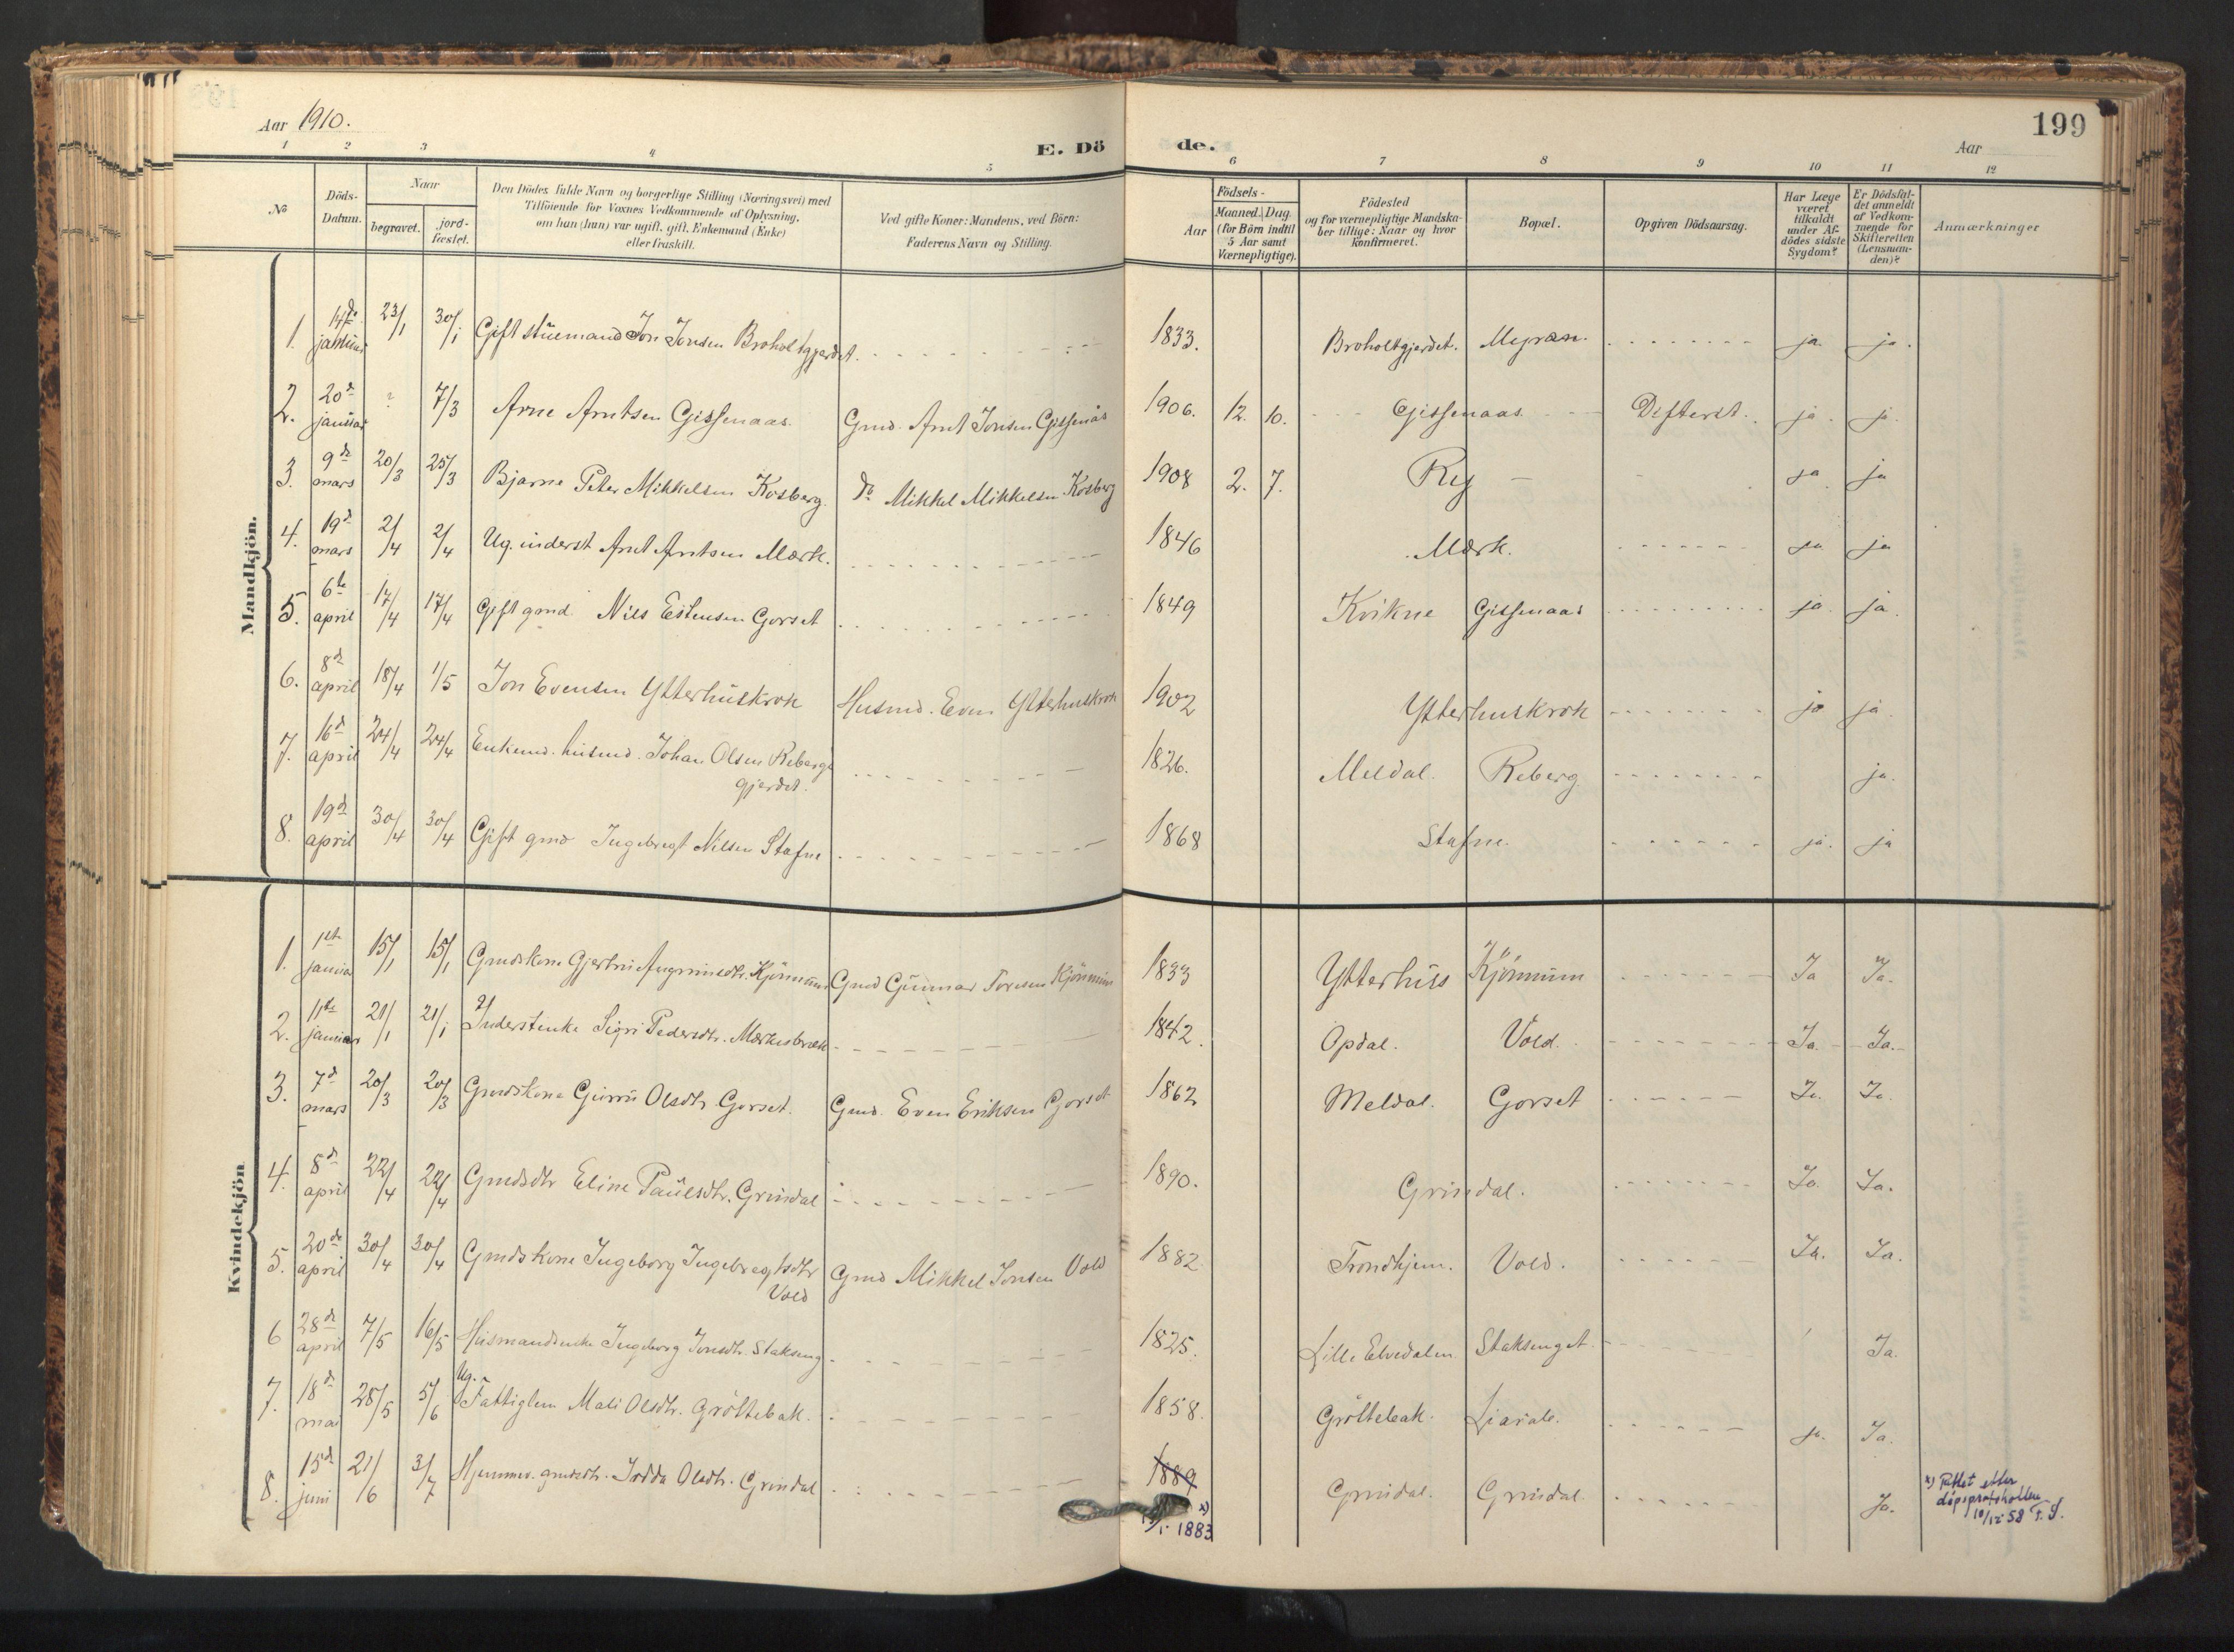 SAT, Ministerialprotokoller, klokkerbøker og fødselsregistre - Sør-Trøndelag, 674/L0873: Ministerialbok nr. 674A05, 1908-1923, s. 199